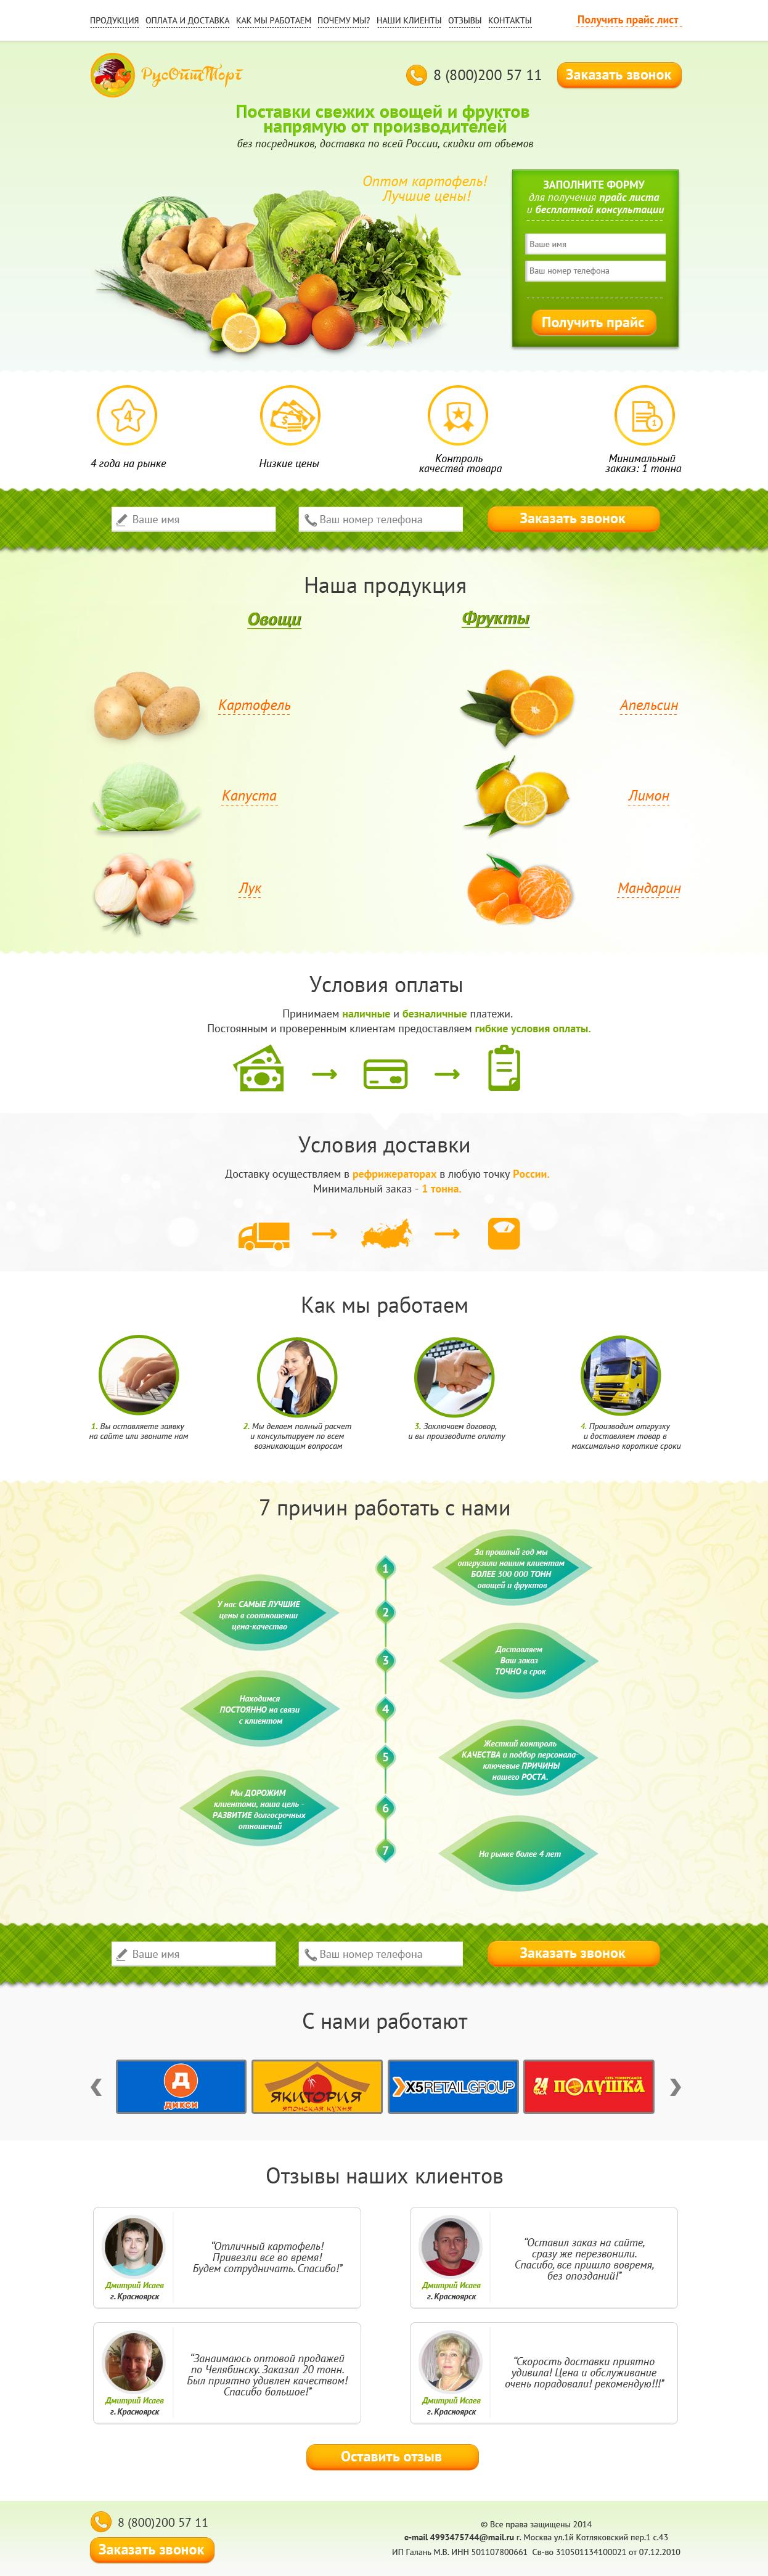 Доставка свежих овощей